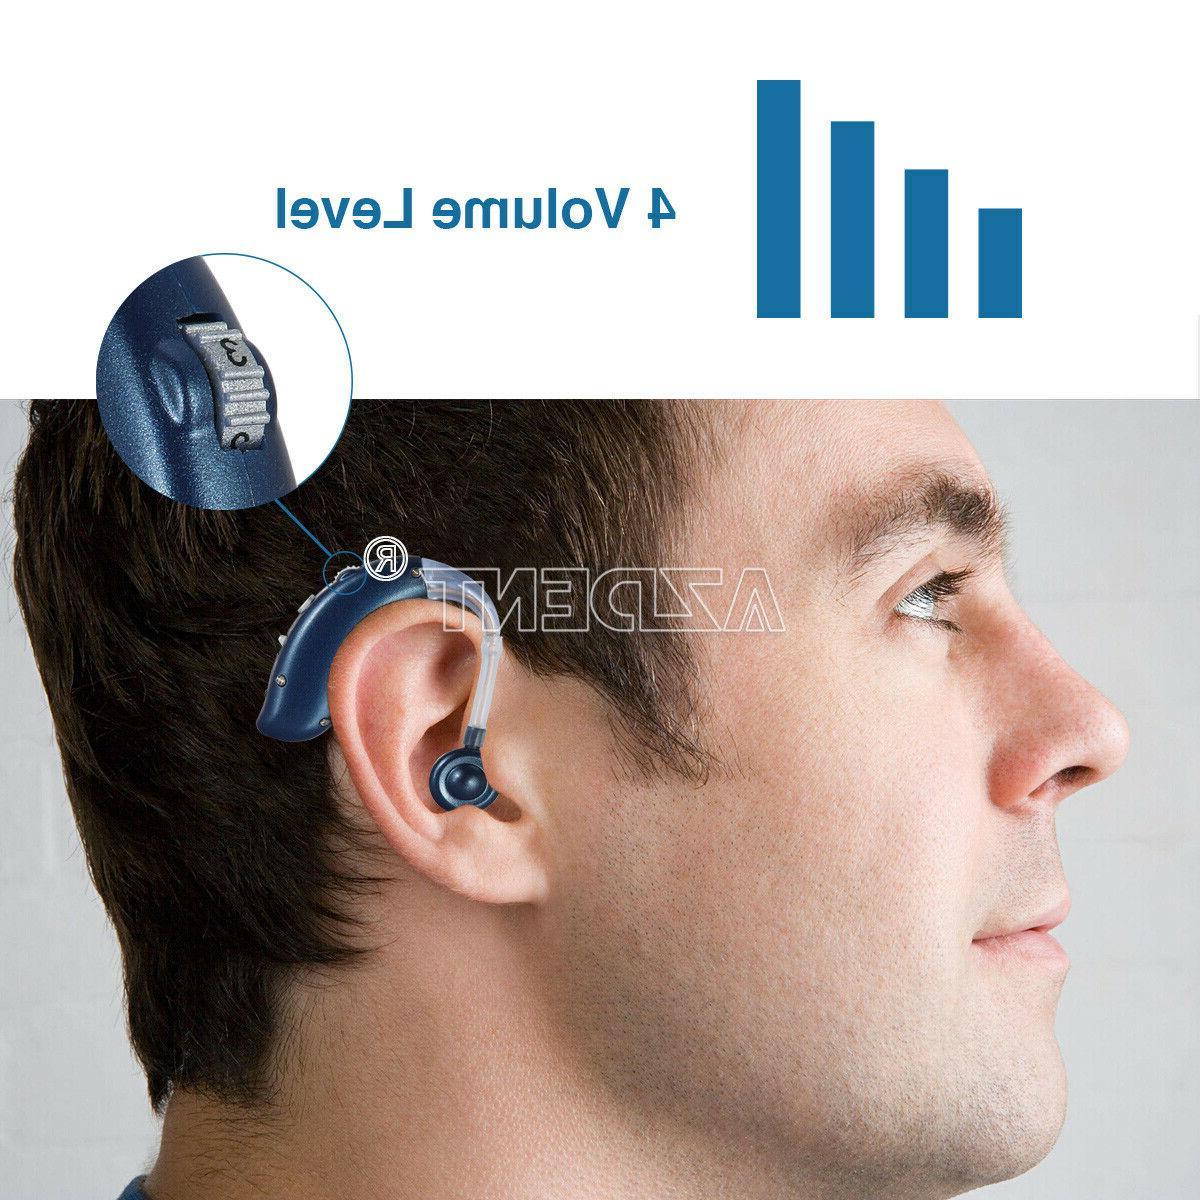 Aid BTE Ear Aids